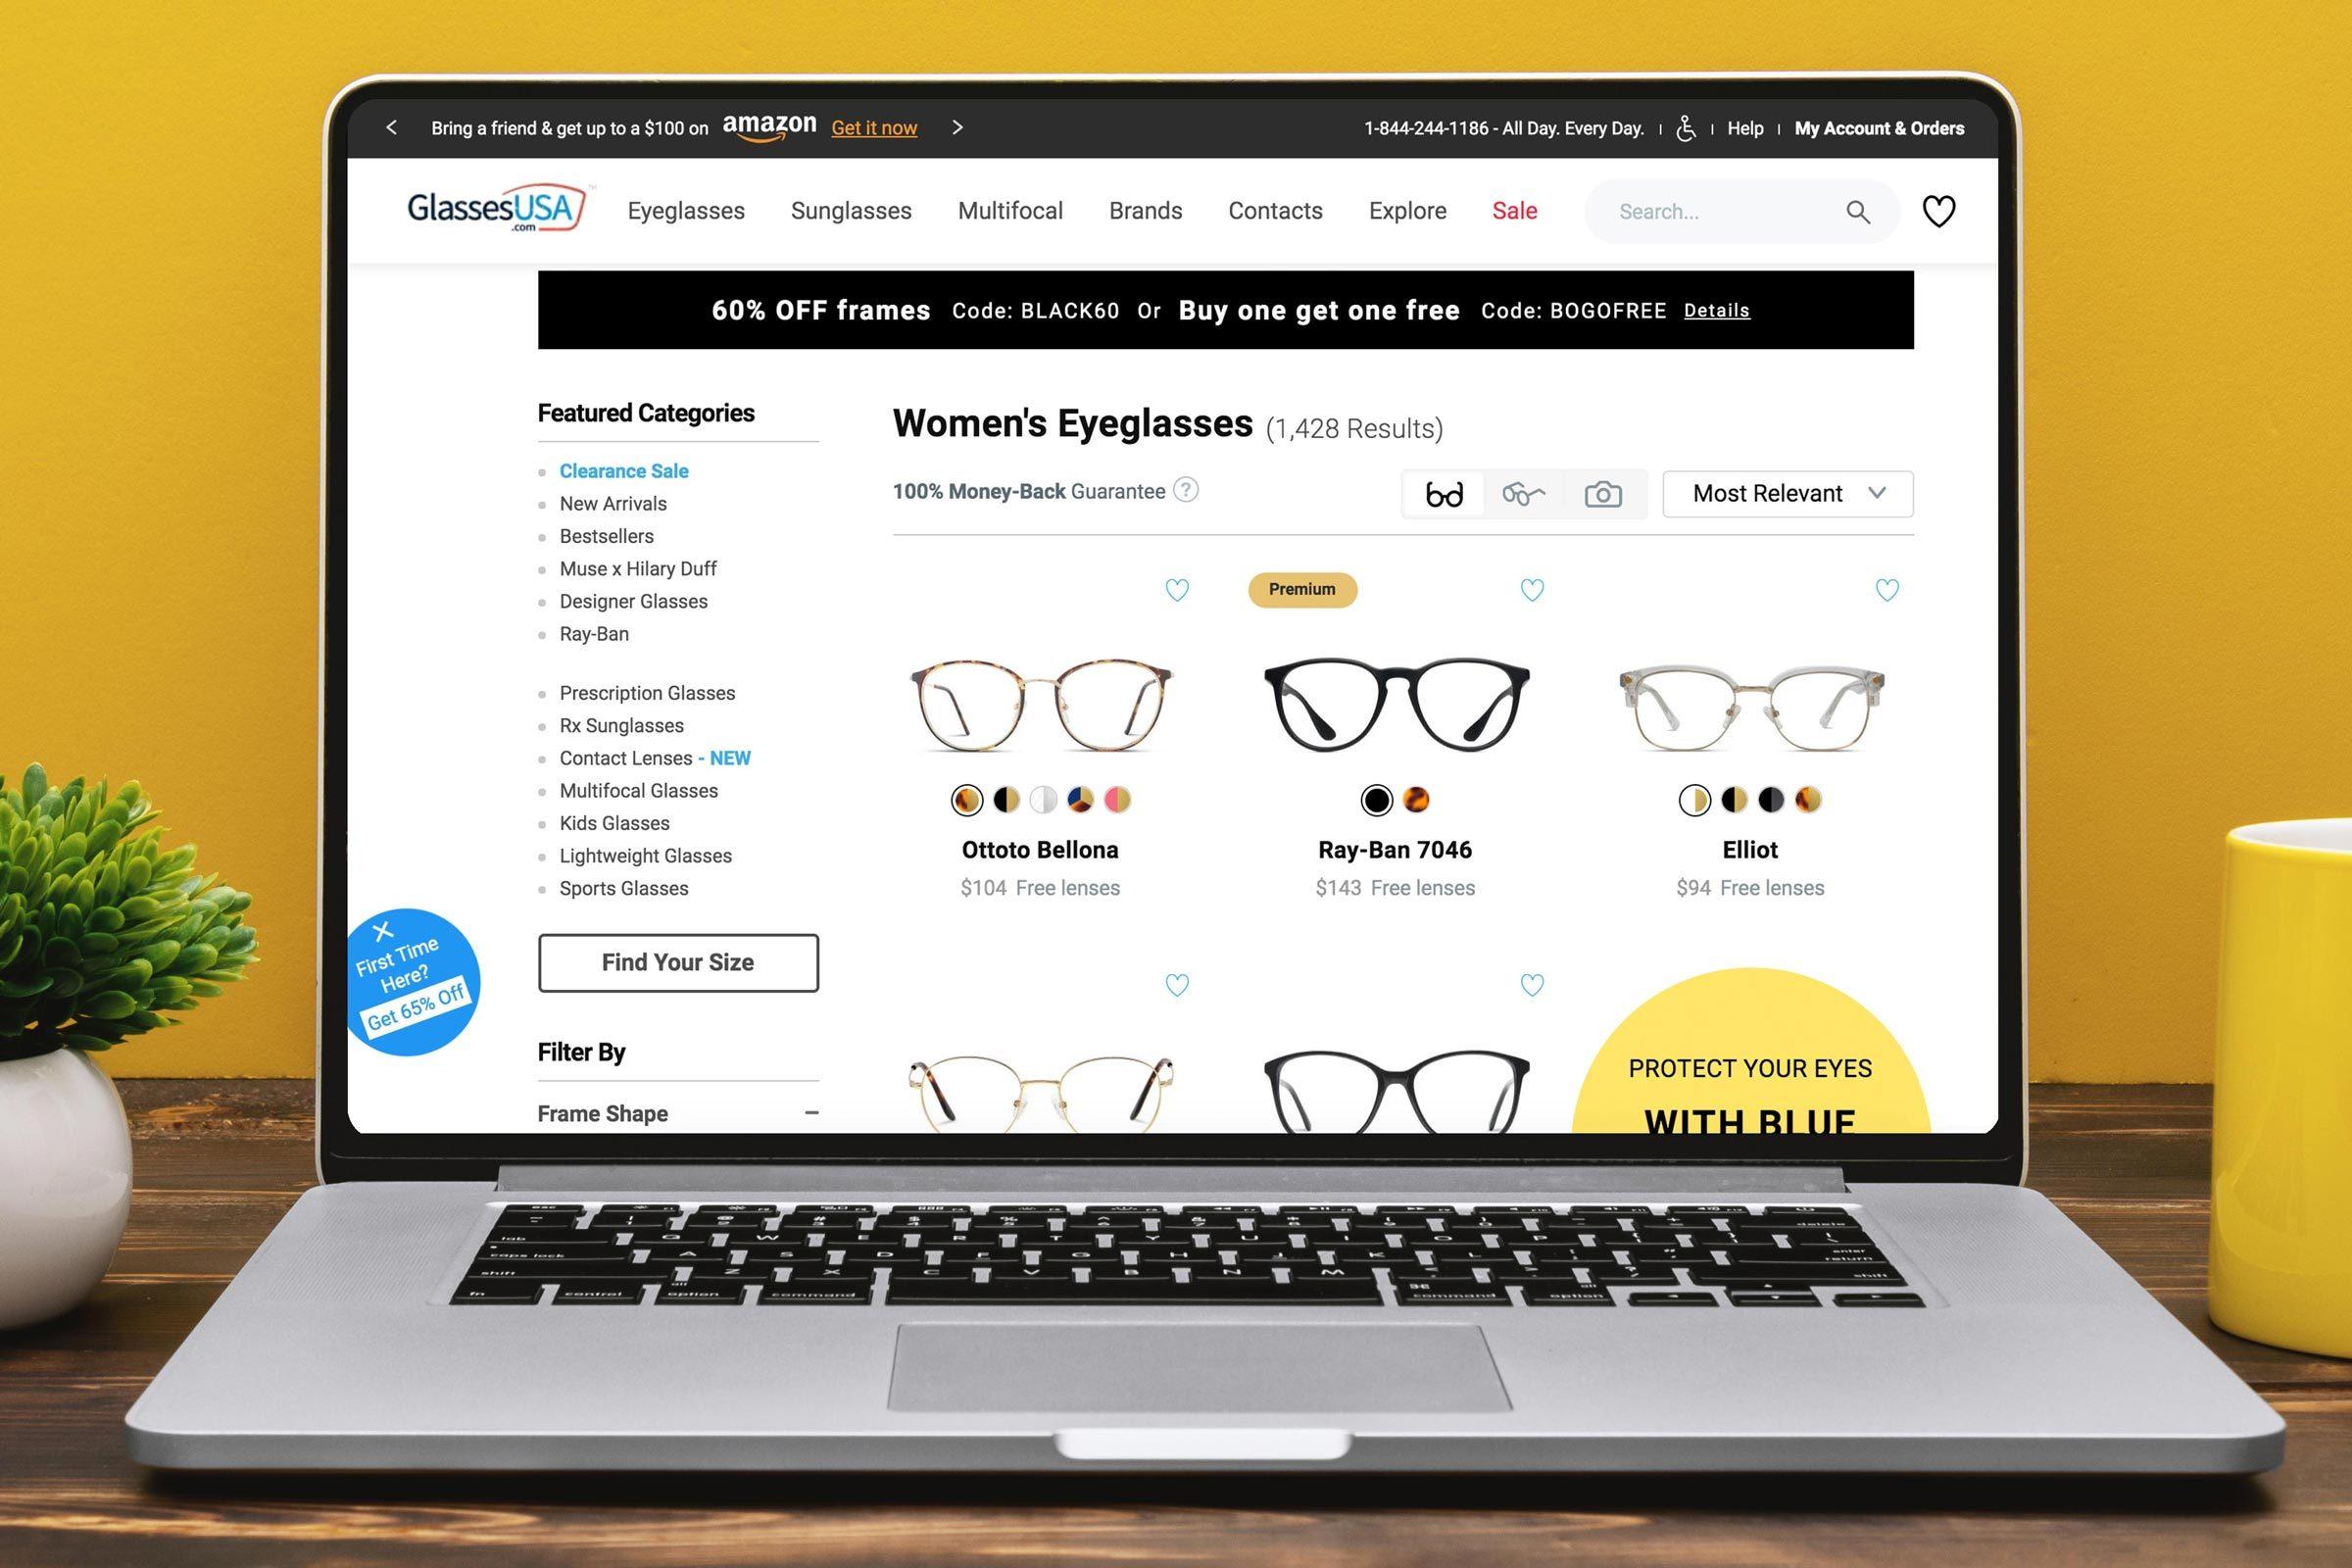 Glasses USA